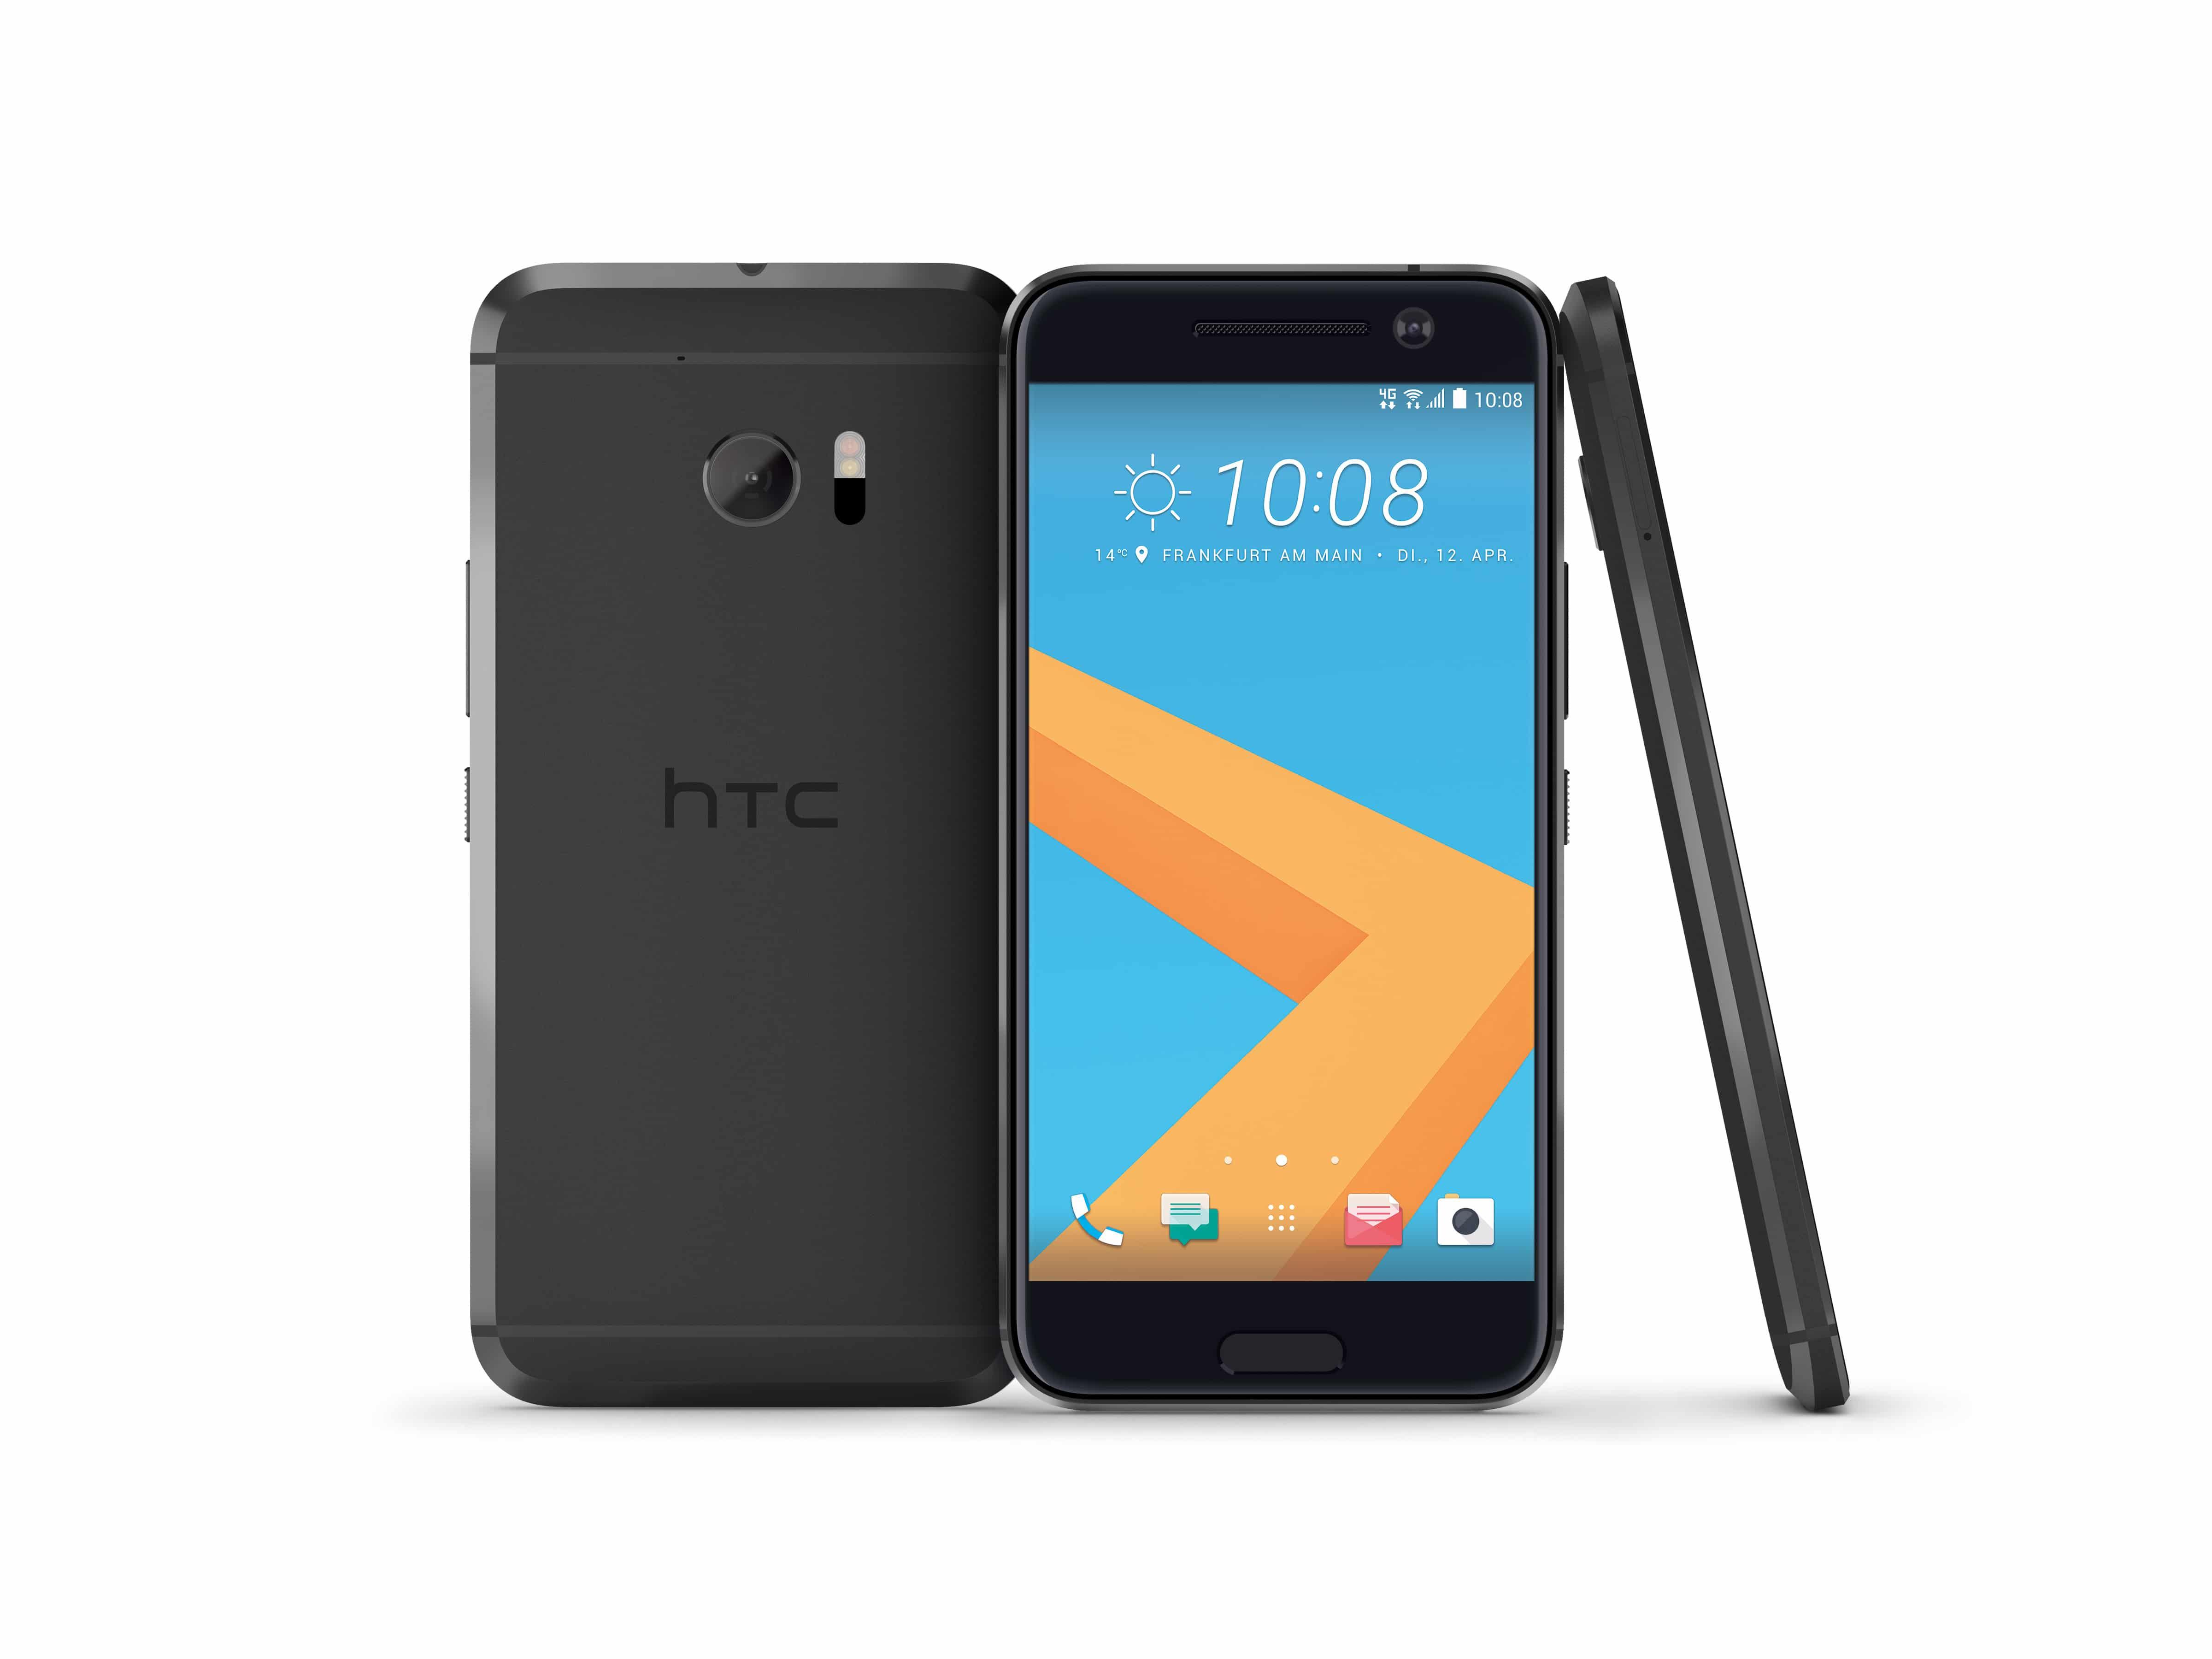 HTC 10 vorgestellt der neue Flaggschiffkiller htc 10 HTC 10 enthüllt – das Flaggschiff mit Potential HTC 10 vorgestellt der neue Flaggschiffkiller